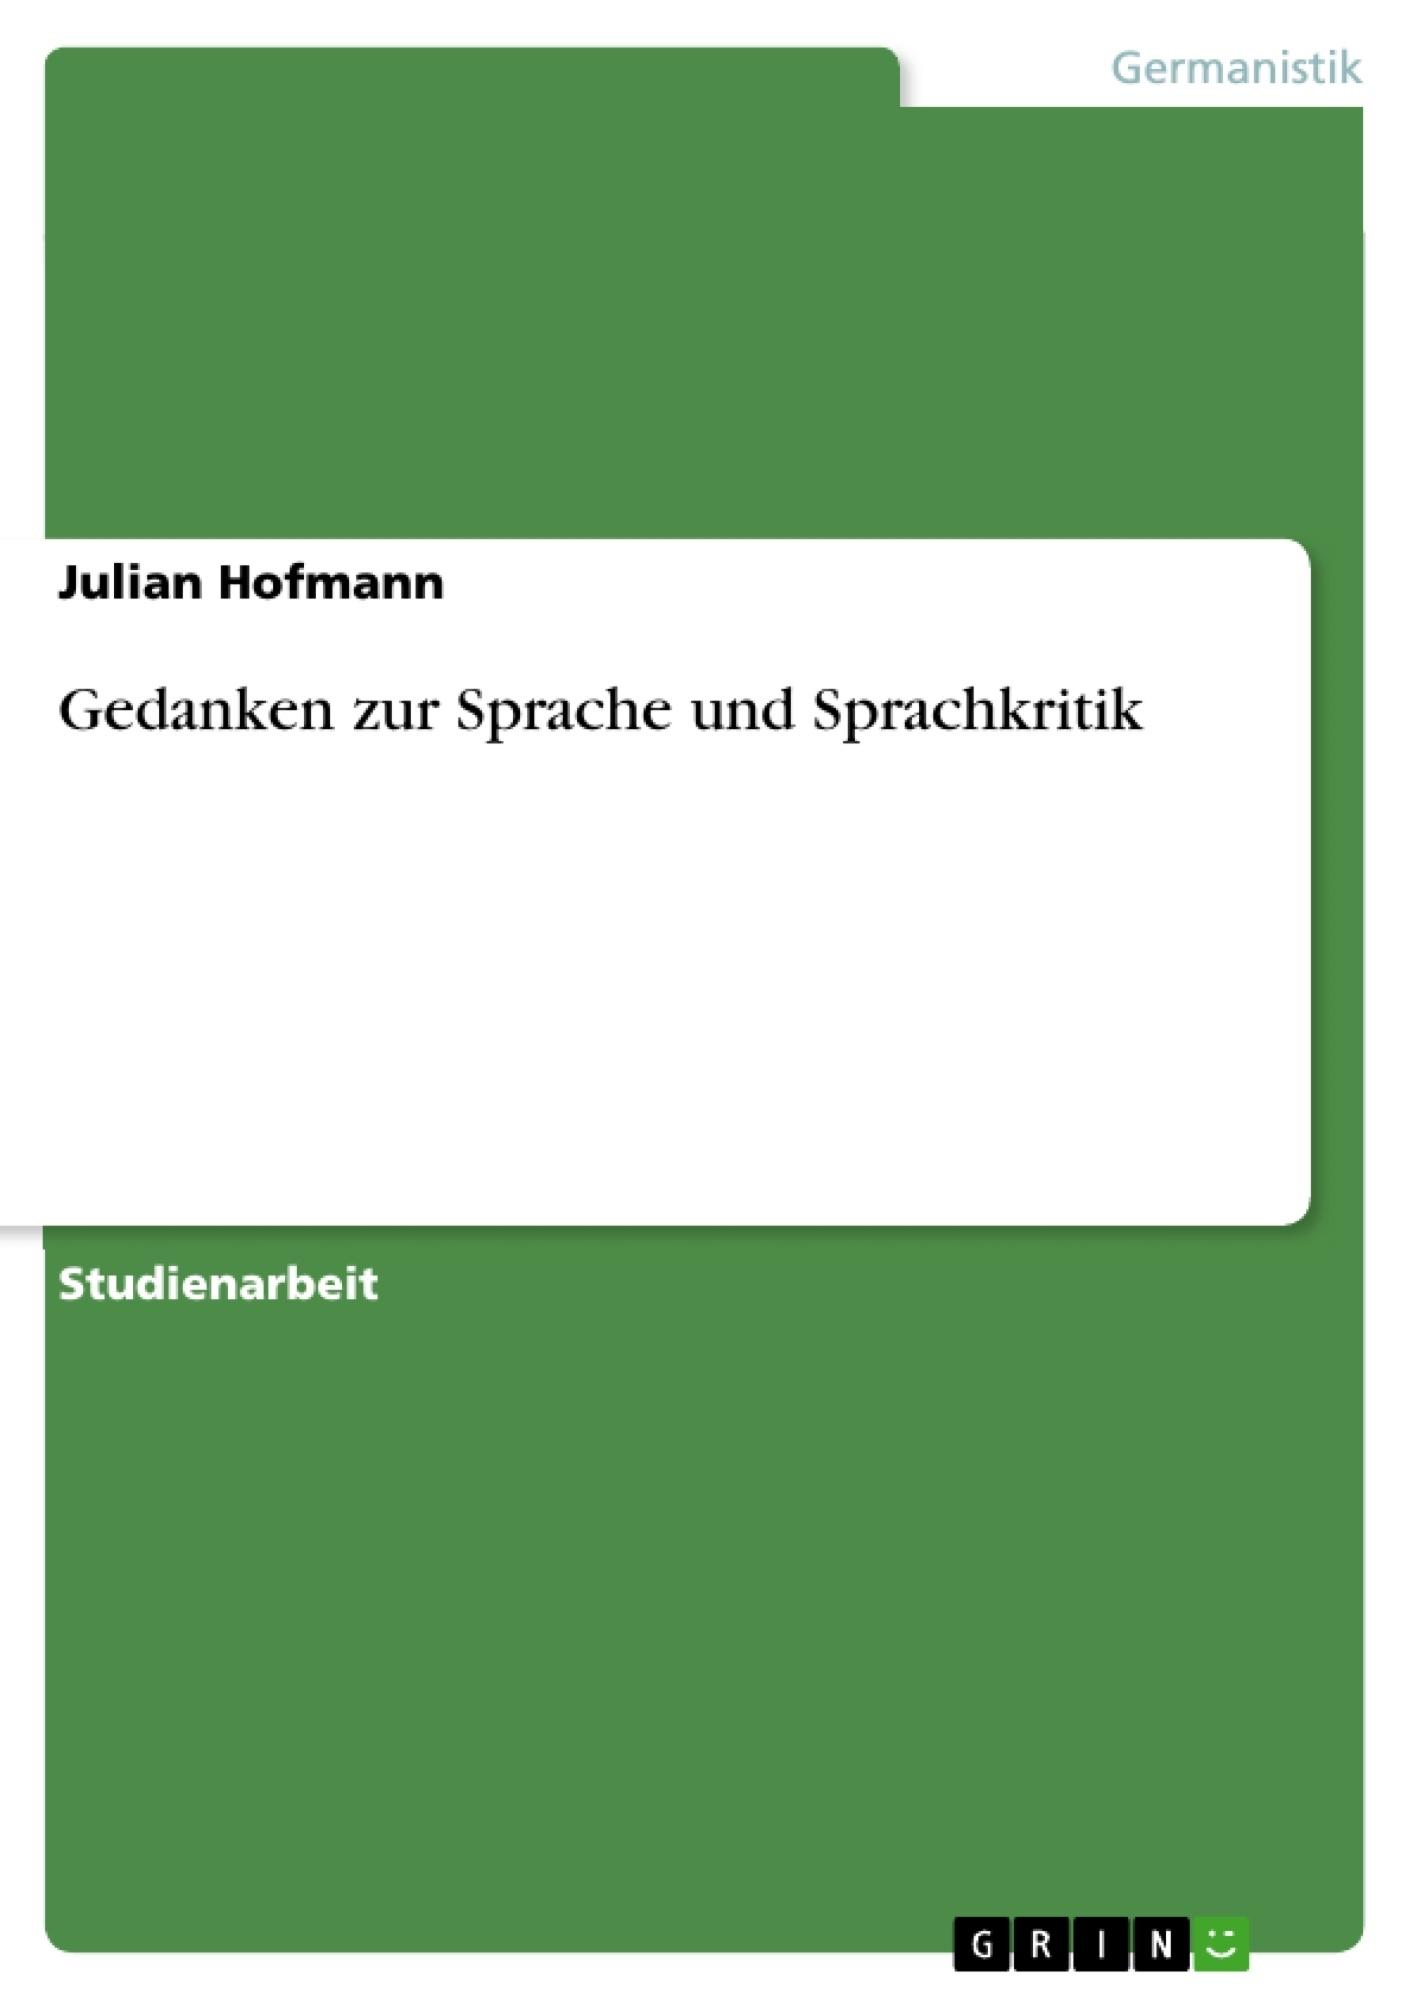 Titel: Gedanken zur Sprache und Sprachkritik